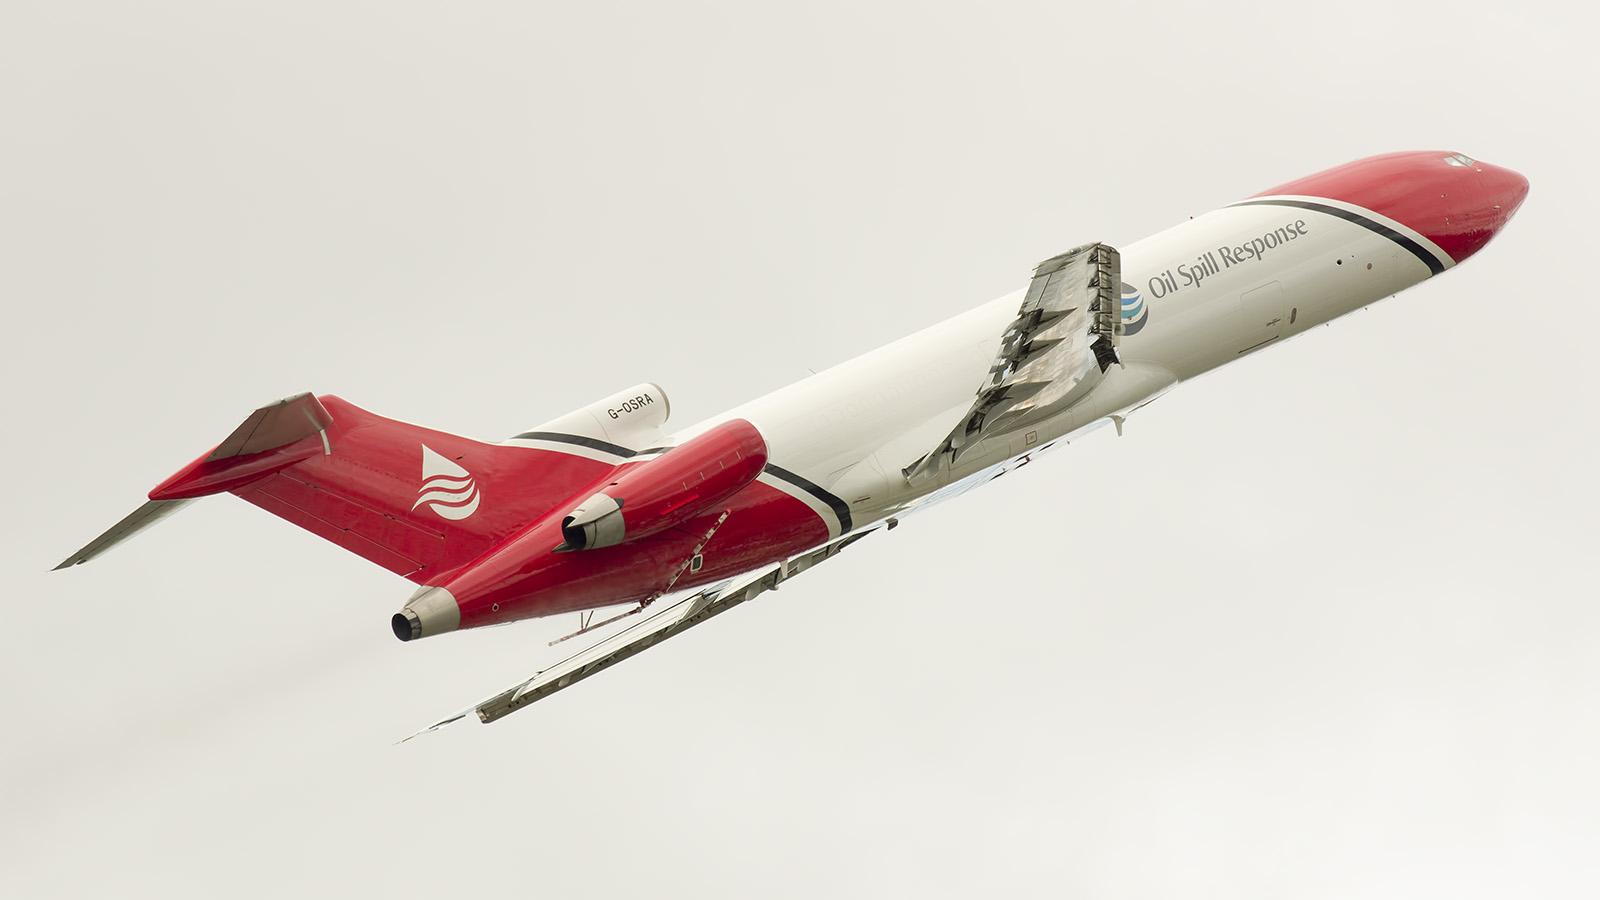 _IMG5966 Boeing 727-2S2FAdv RE Super 27 G-OSRA Oil Spill Response s